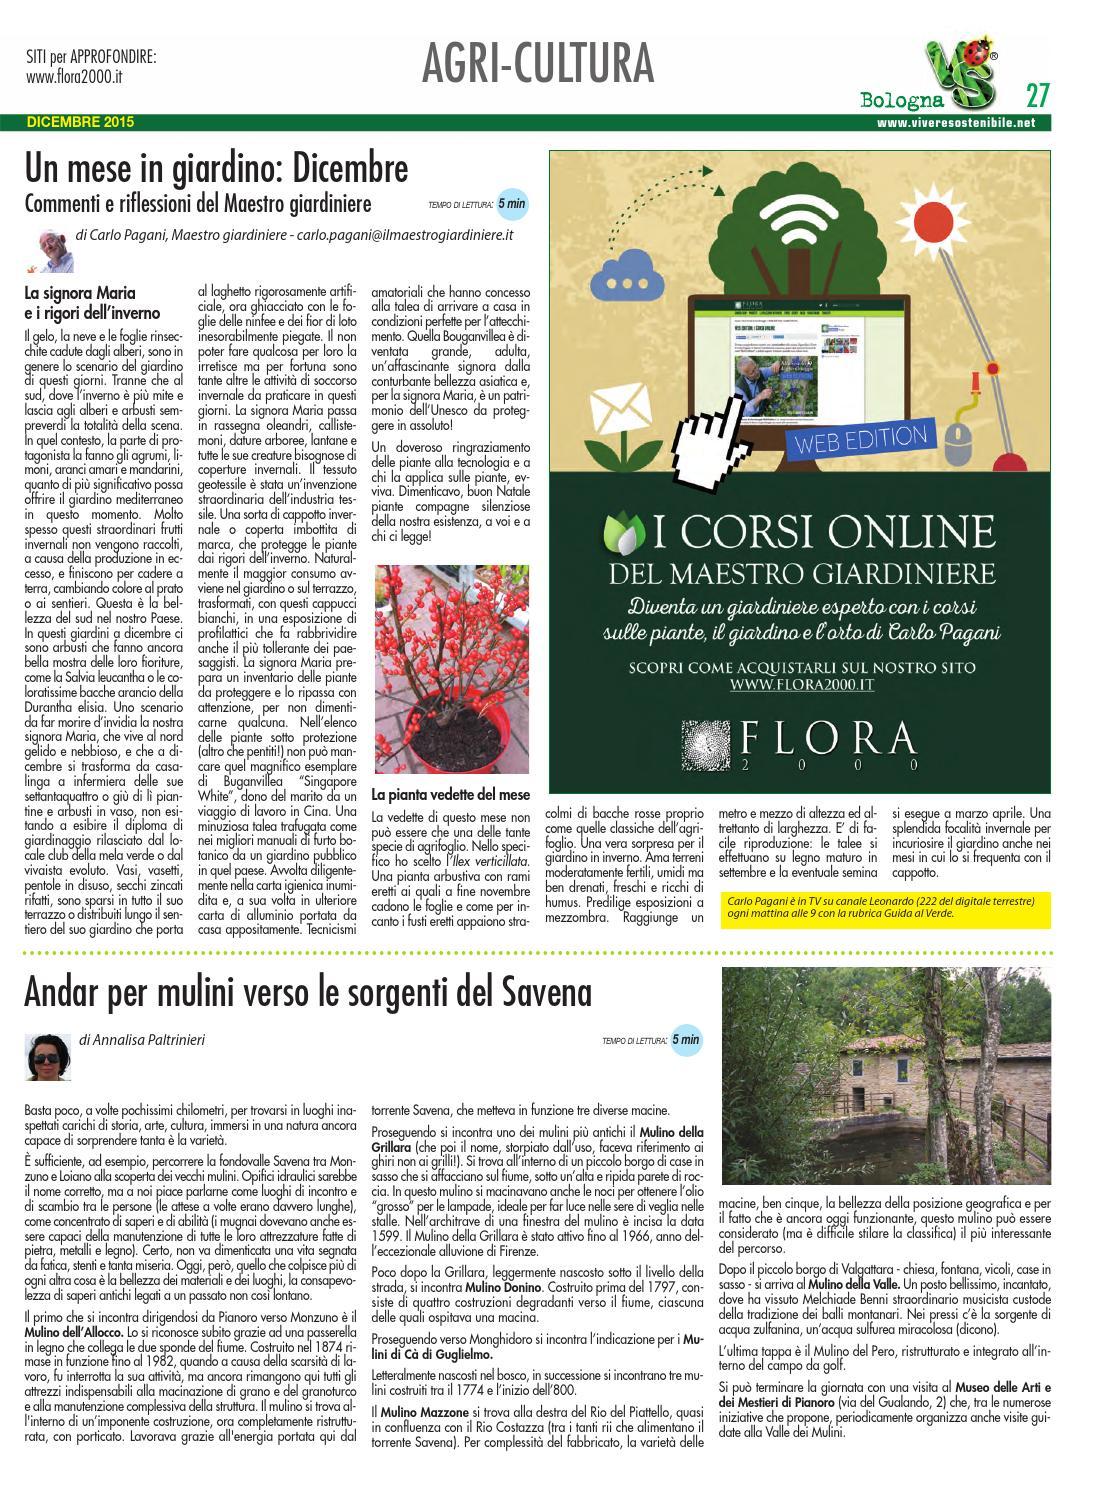 Vivere sostenibile a bologna n 23 dicembre 2015 by edibit for Giardiniere bologna